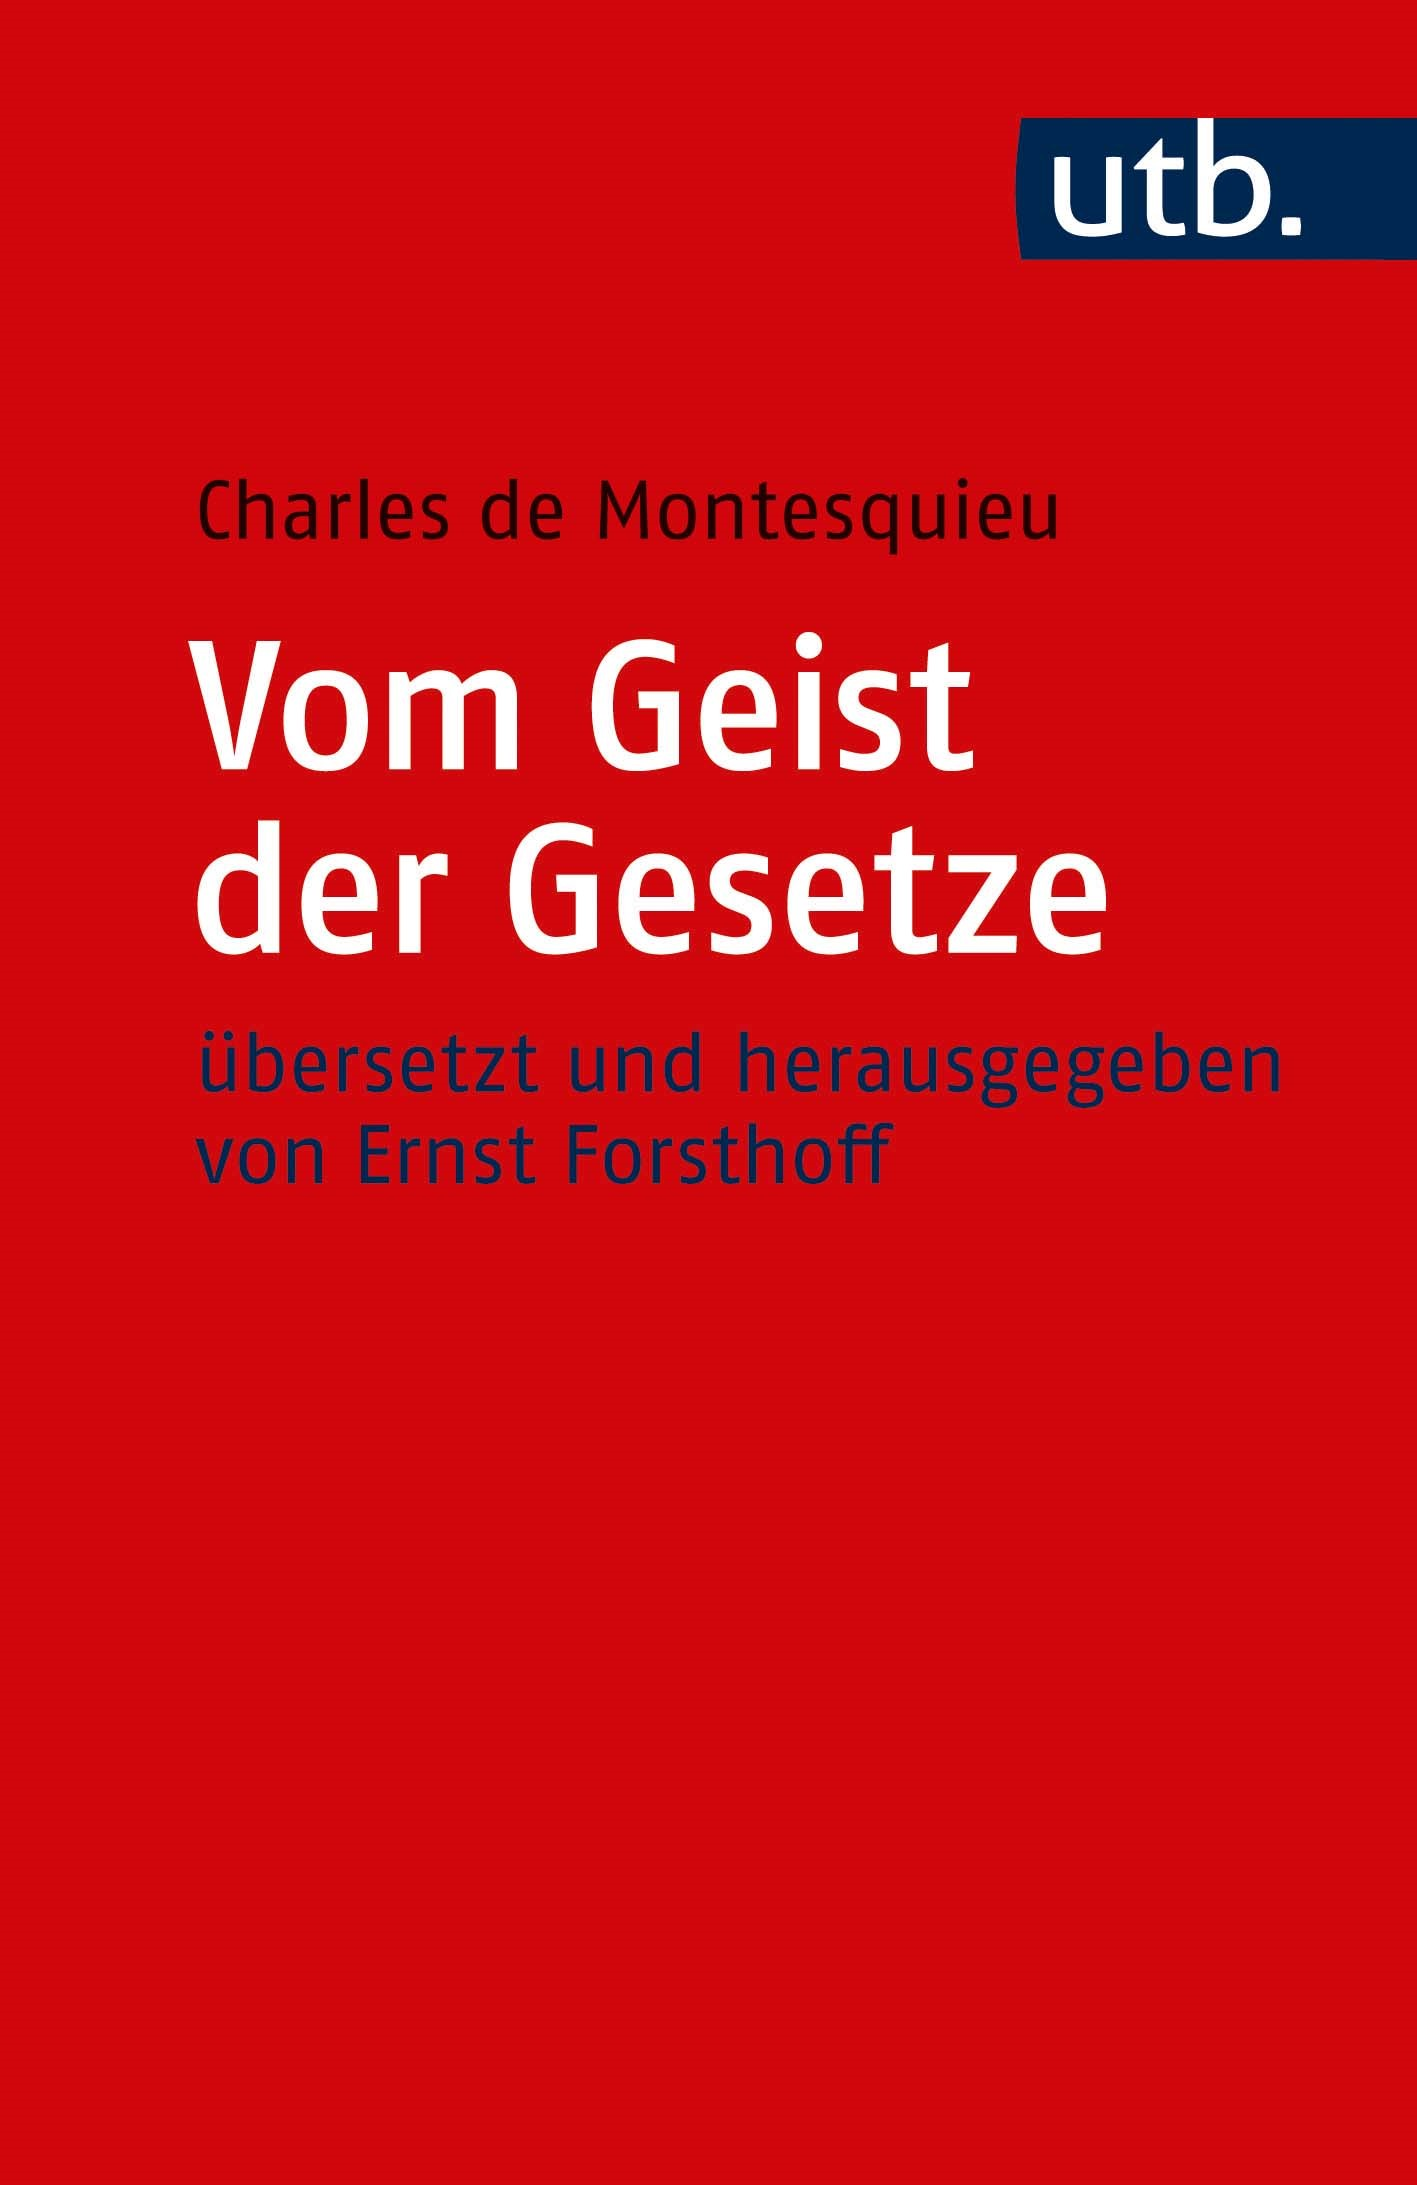 Vom Geist der Gesetze | Montesquieu | 3. Auflage, 2018 | Buch (Cover)